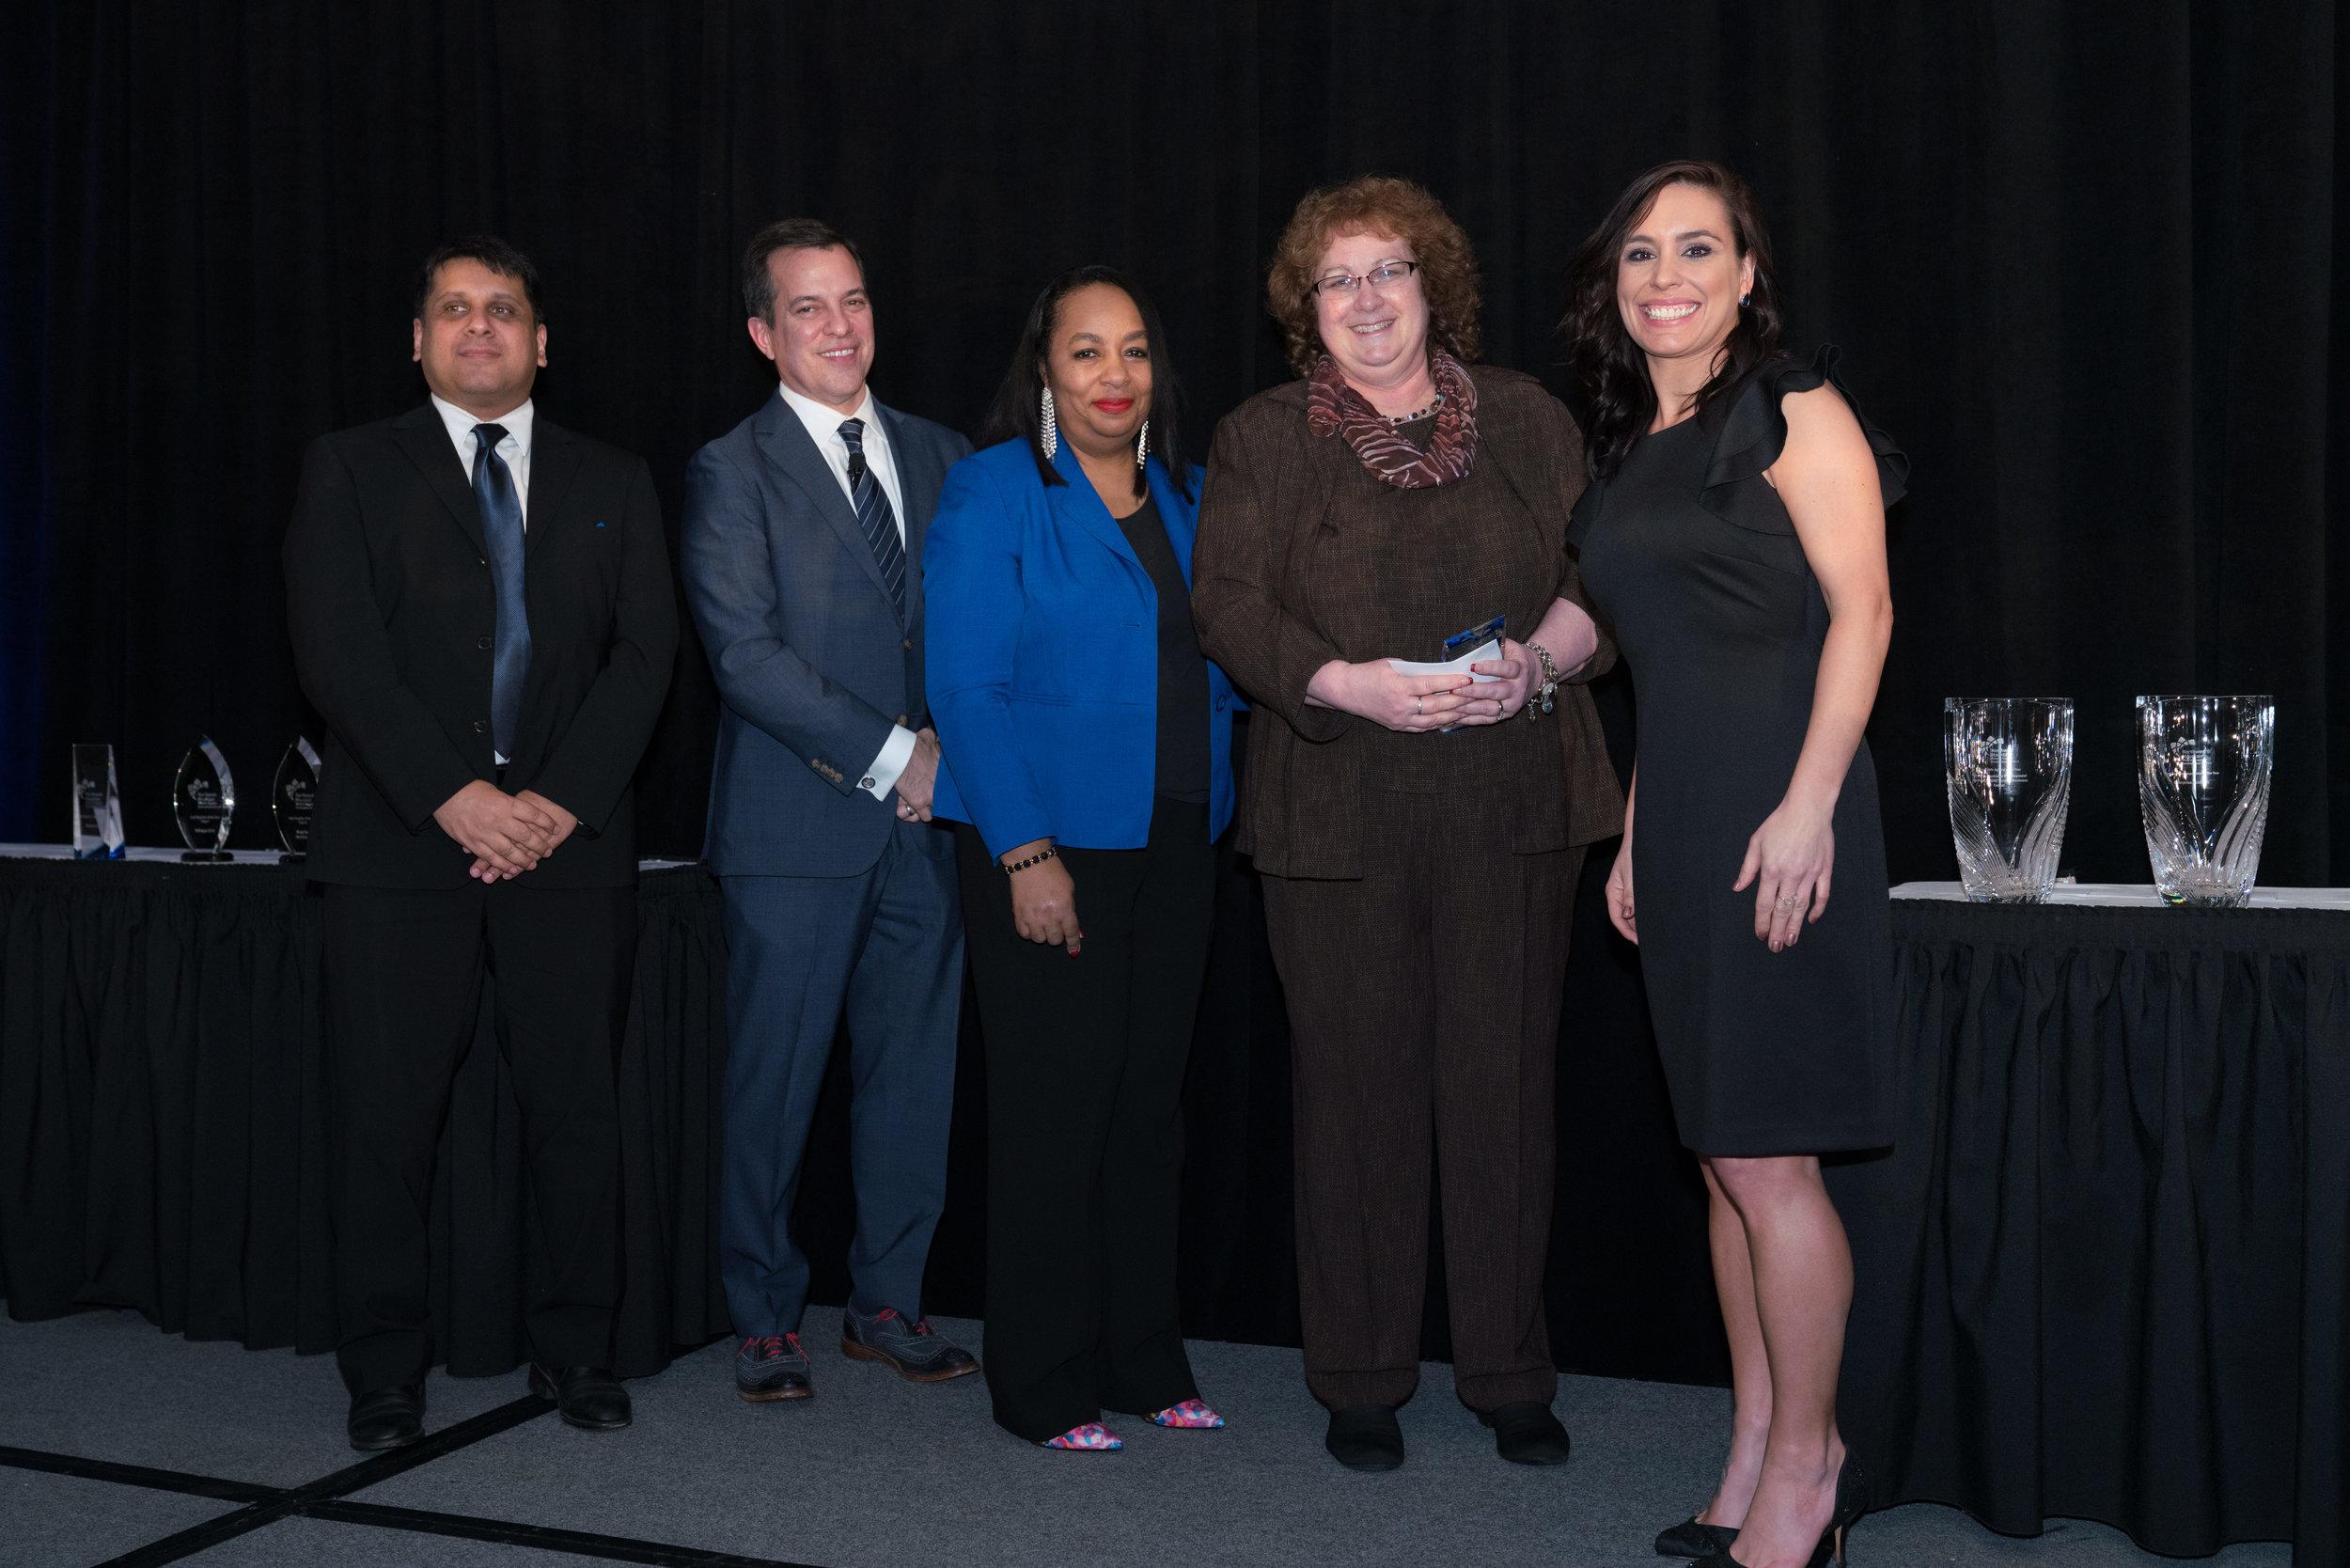 Bramby Tollen - 2017 Phyllis Guiterrez Kenney Award